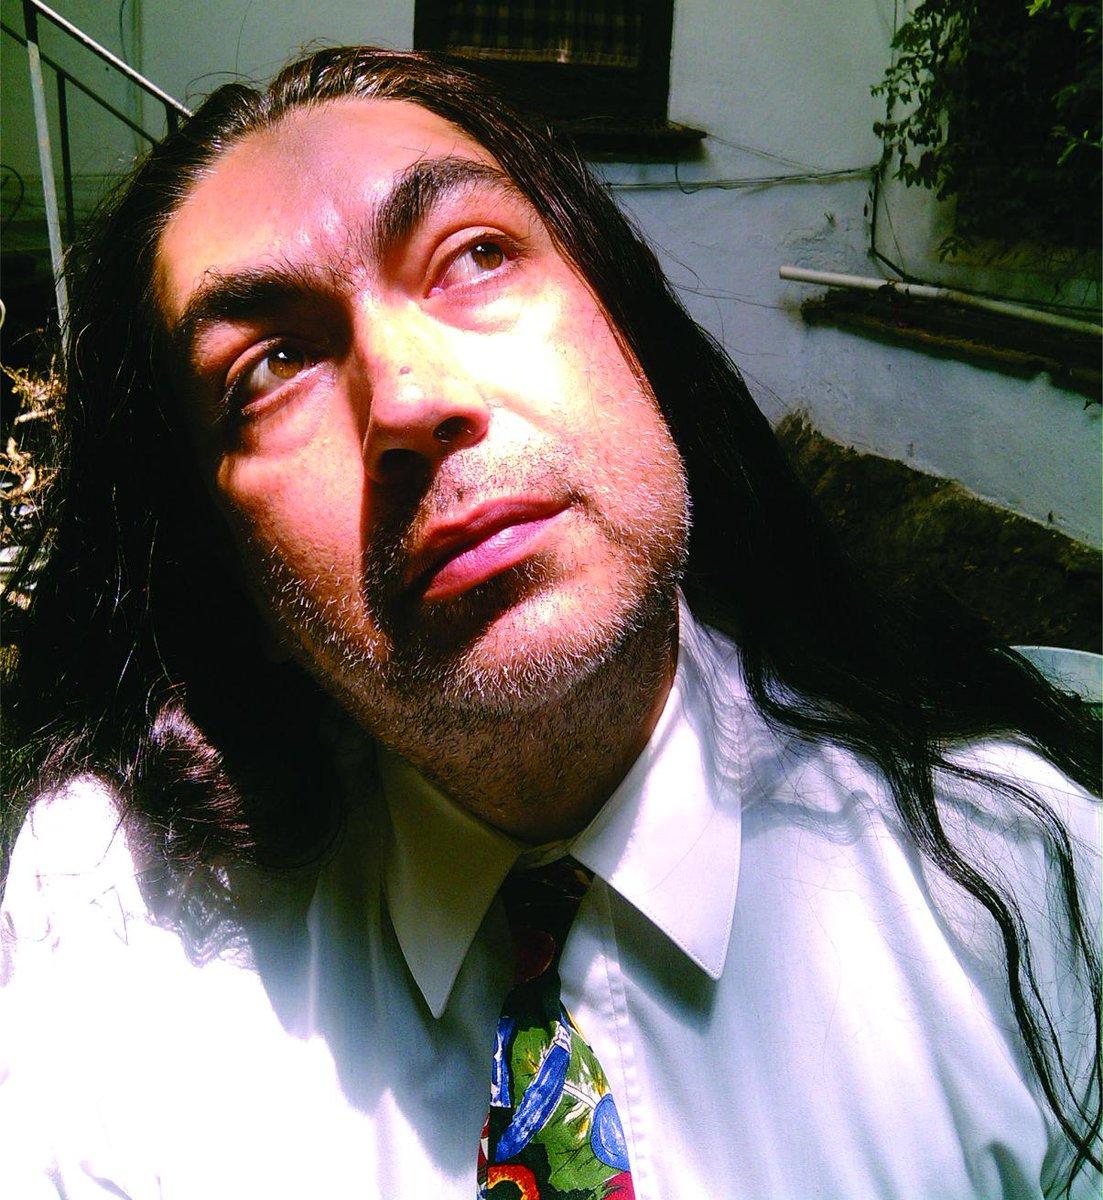 Ayer meditando en que soy Actor y que hay que buscar trabajo :D http://t.co/mdTZrcXVOh